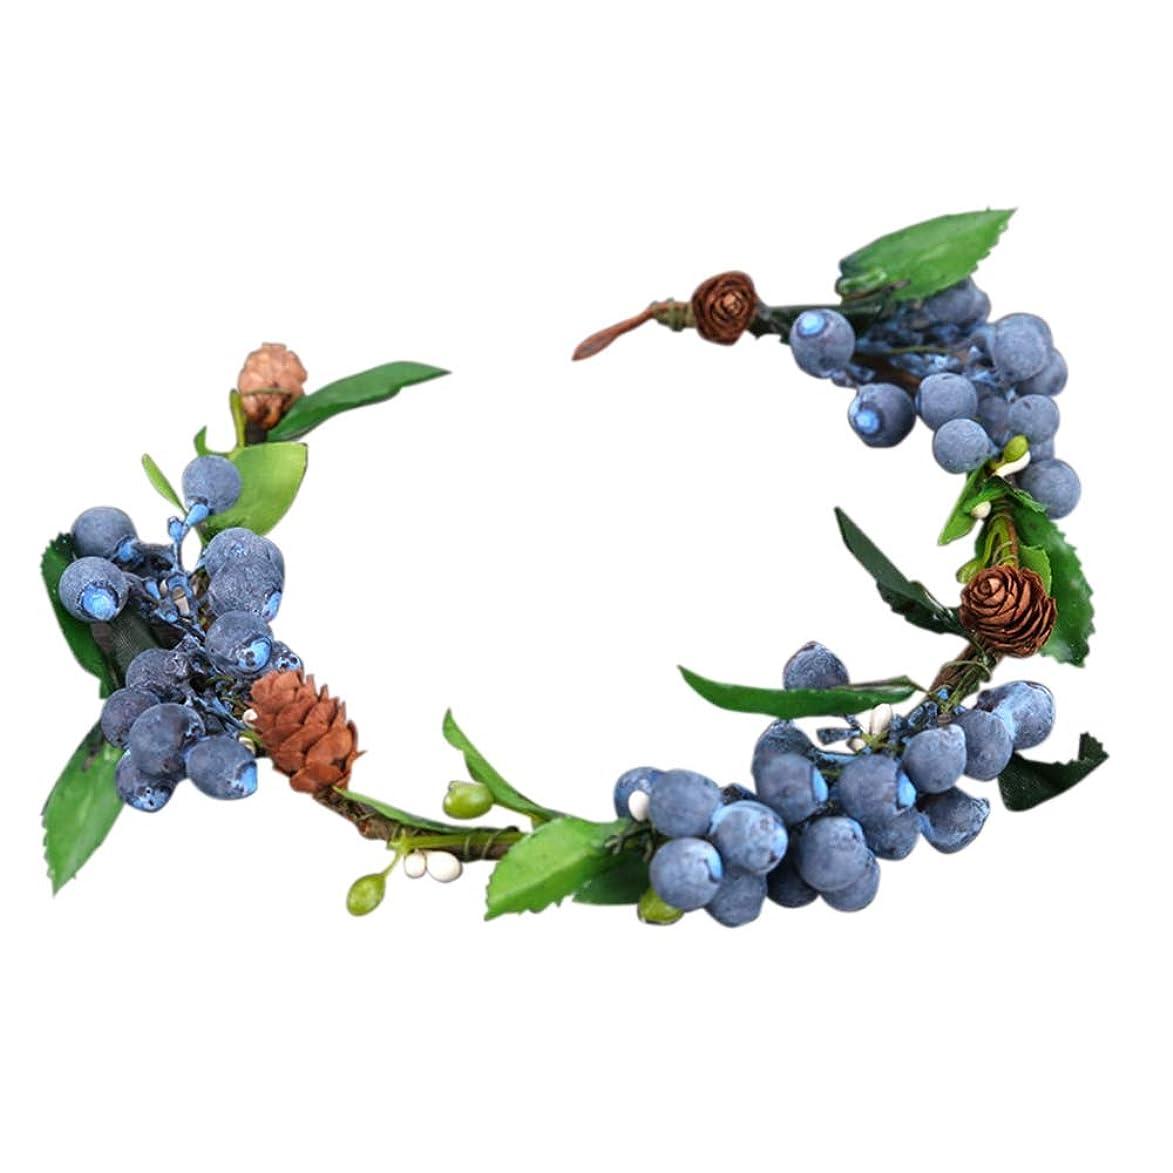 後退する論争コインMerssavo 青色のフルーツ花嫁の花輪結婚式の頭髪の髪の装飾品ブライダルオーナメント